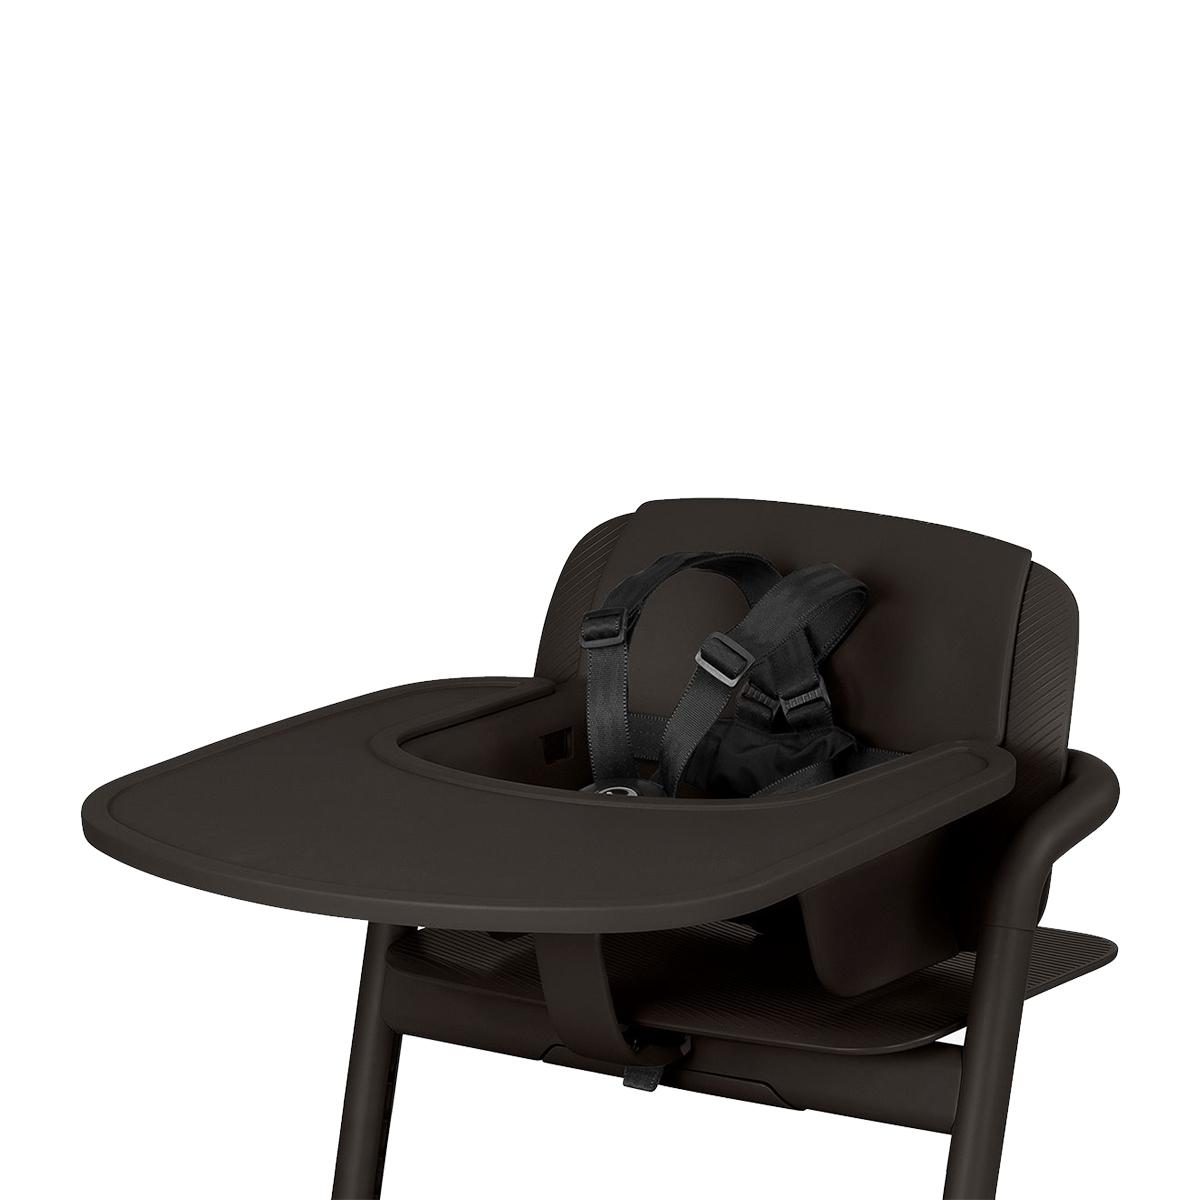 Chaise haute Plateau pour Chaise Haute Lemo - Infinity Black Plateau pour Chaise Haute Lemo - Infinity Black